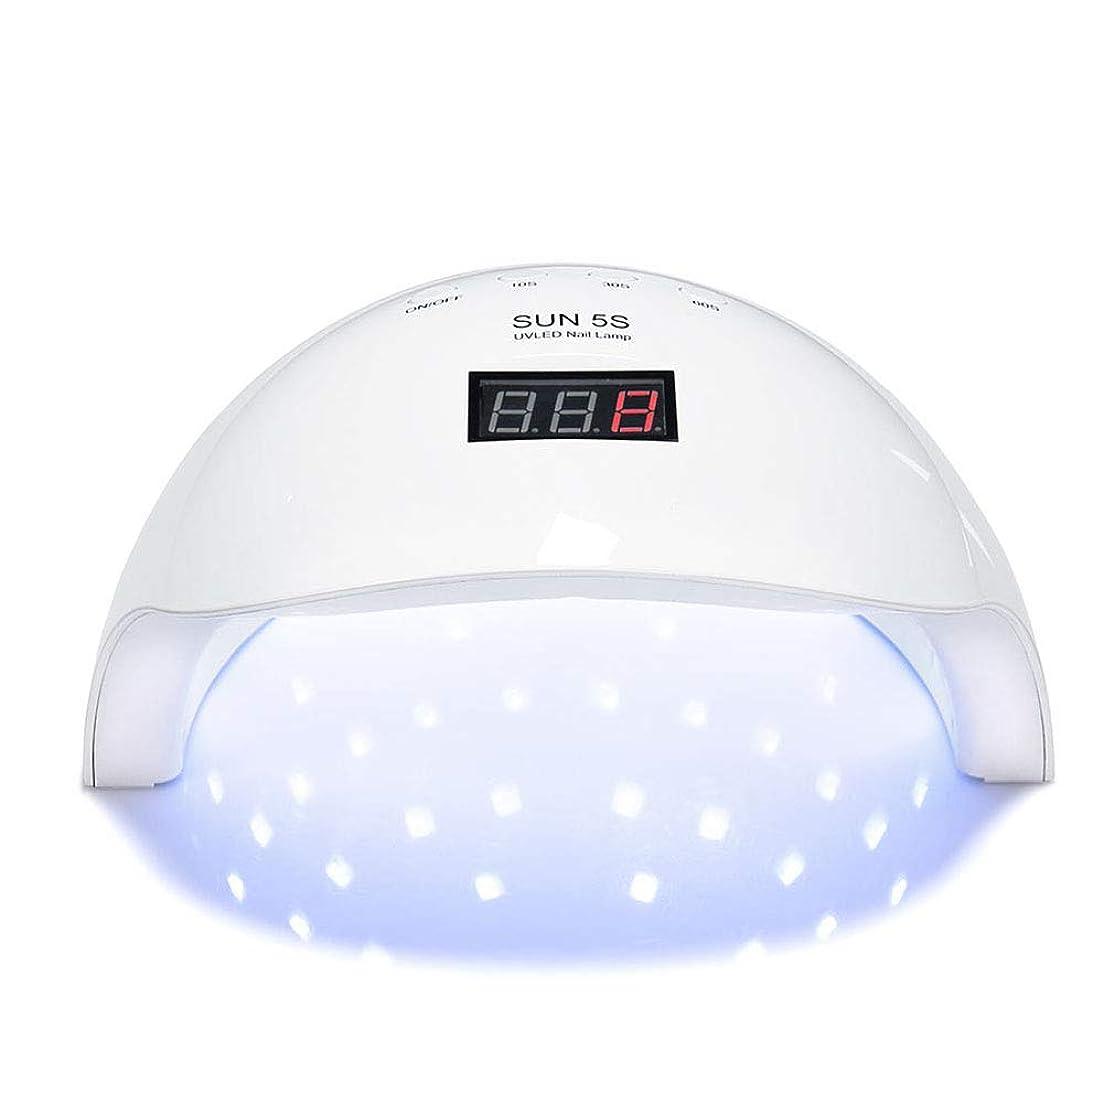 48ワットネイルドライヤー、ネイル用ポータブルLED/UVランプ、10/30/60秒タイマー、赤外線センサー、LCDディスプレイ、すべてのゲルに対応